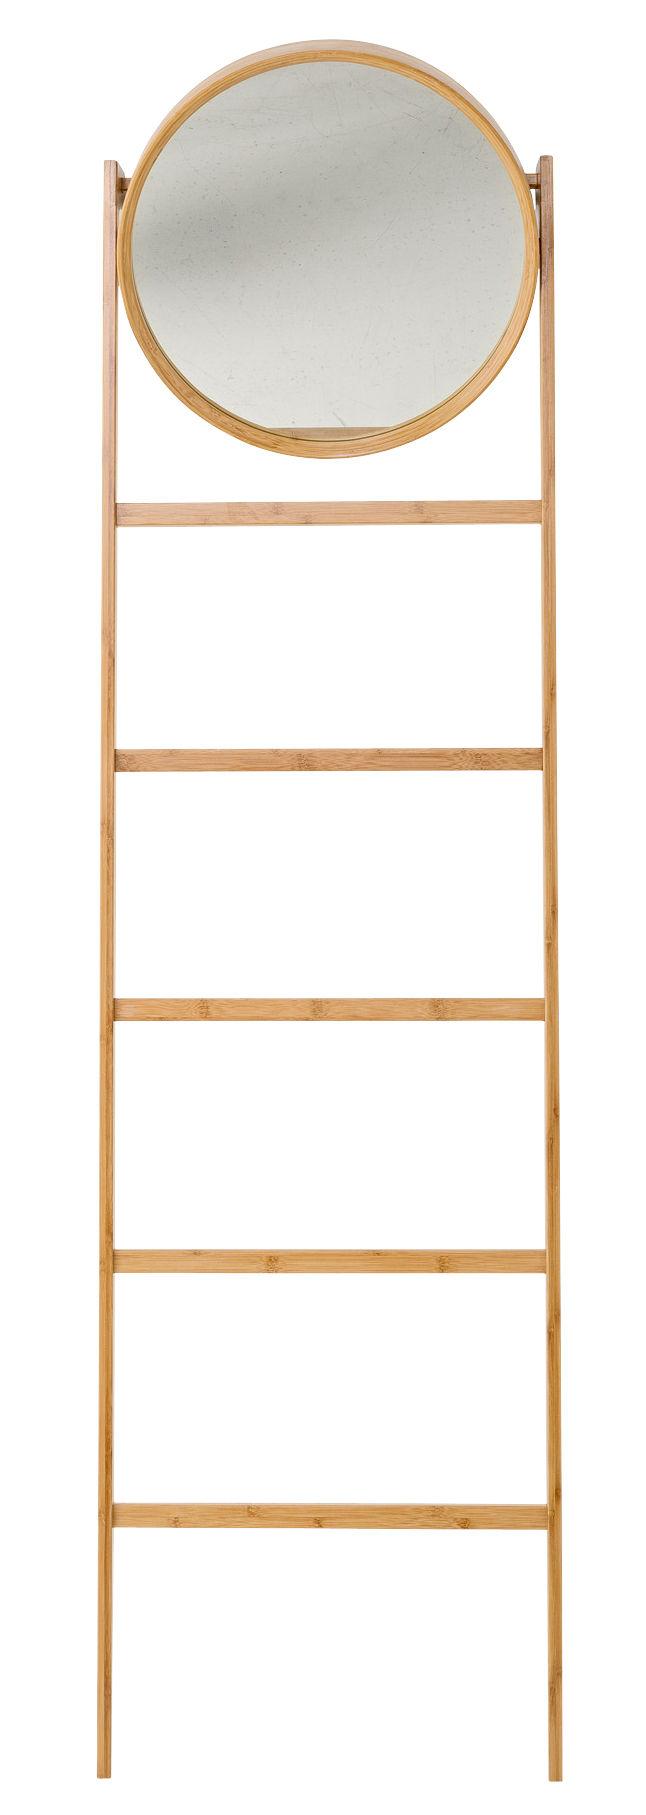 Miroir sur pied bamboo porte serviettes h 170 cm for Miroir sur pied 50 cm